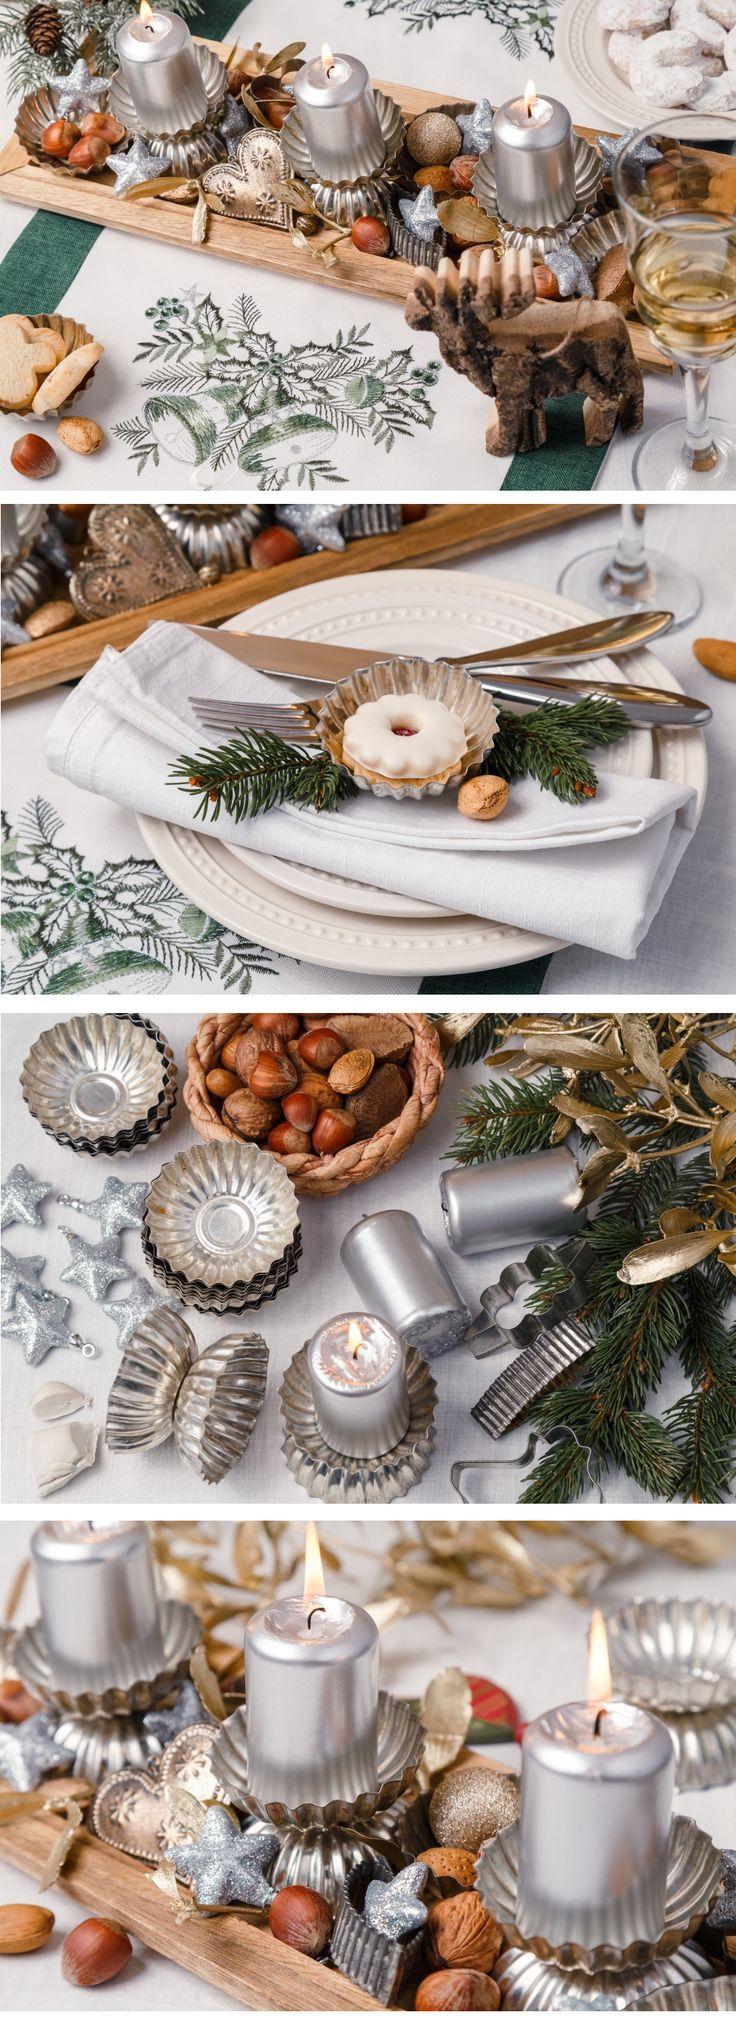 Máte napečeno a formičky zahálí v šuplíku. Vyrobte si z nich krásnou dekoraci na vánoční stůl.